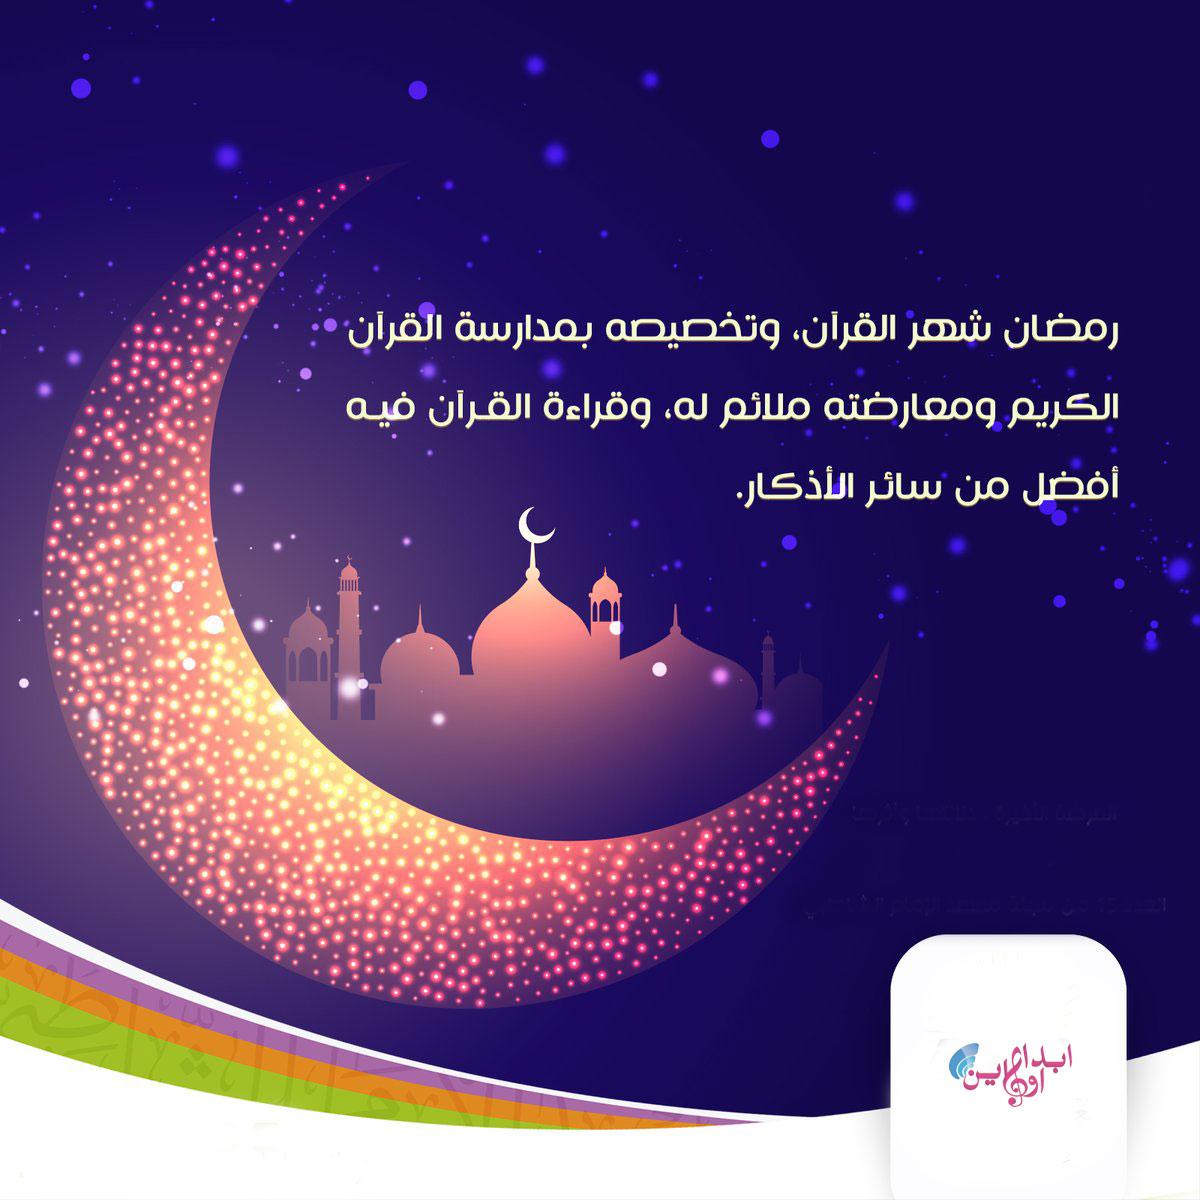 صورة صور رمضان 2019, الاحتفال بشهر رمضان المبارك 4750 8